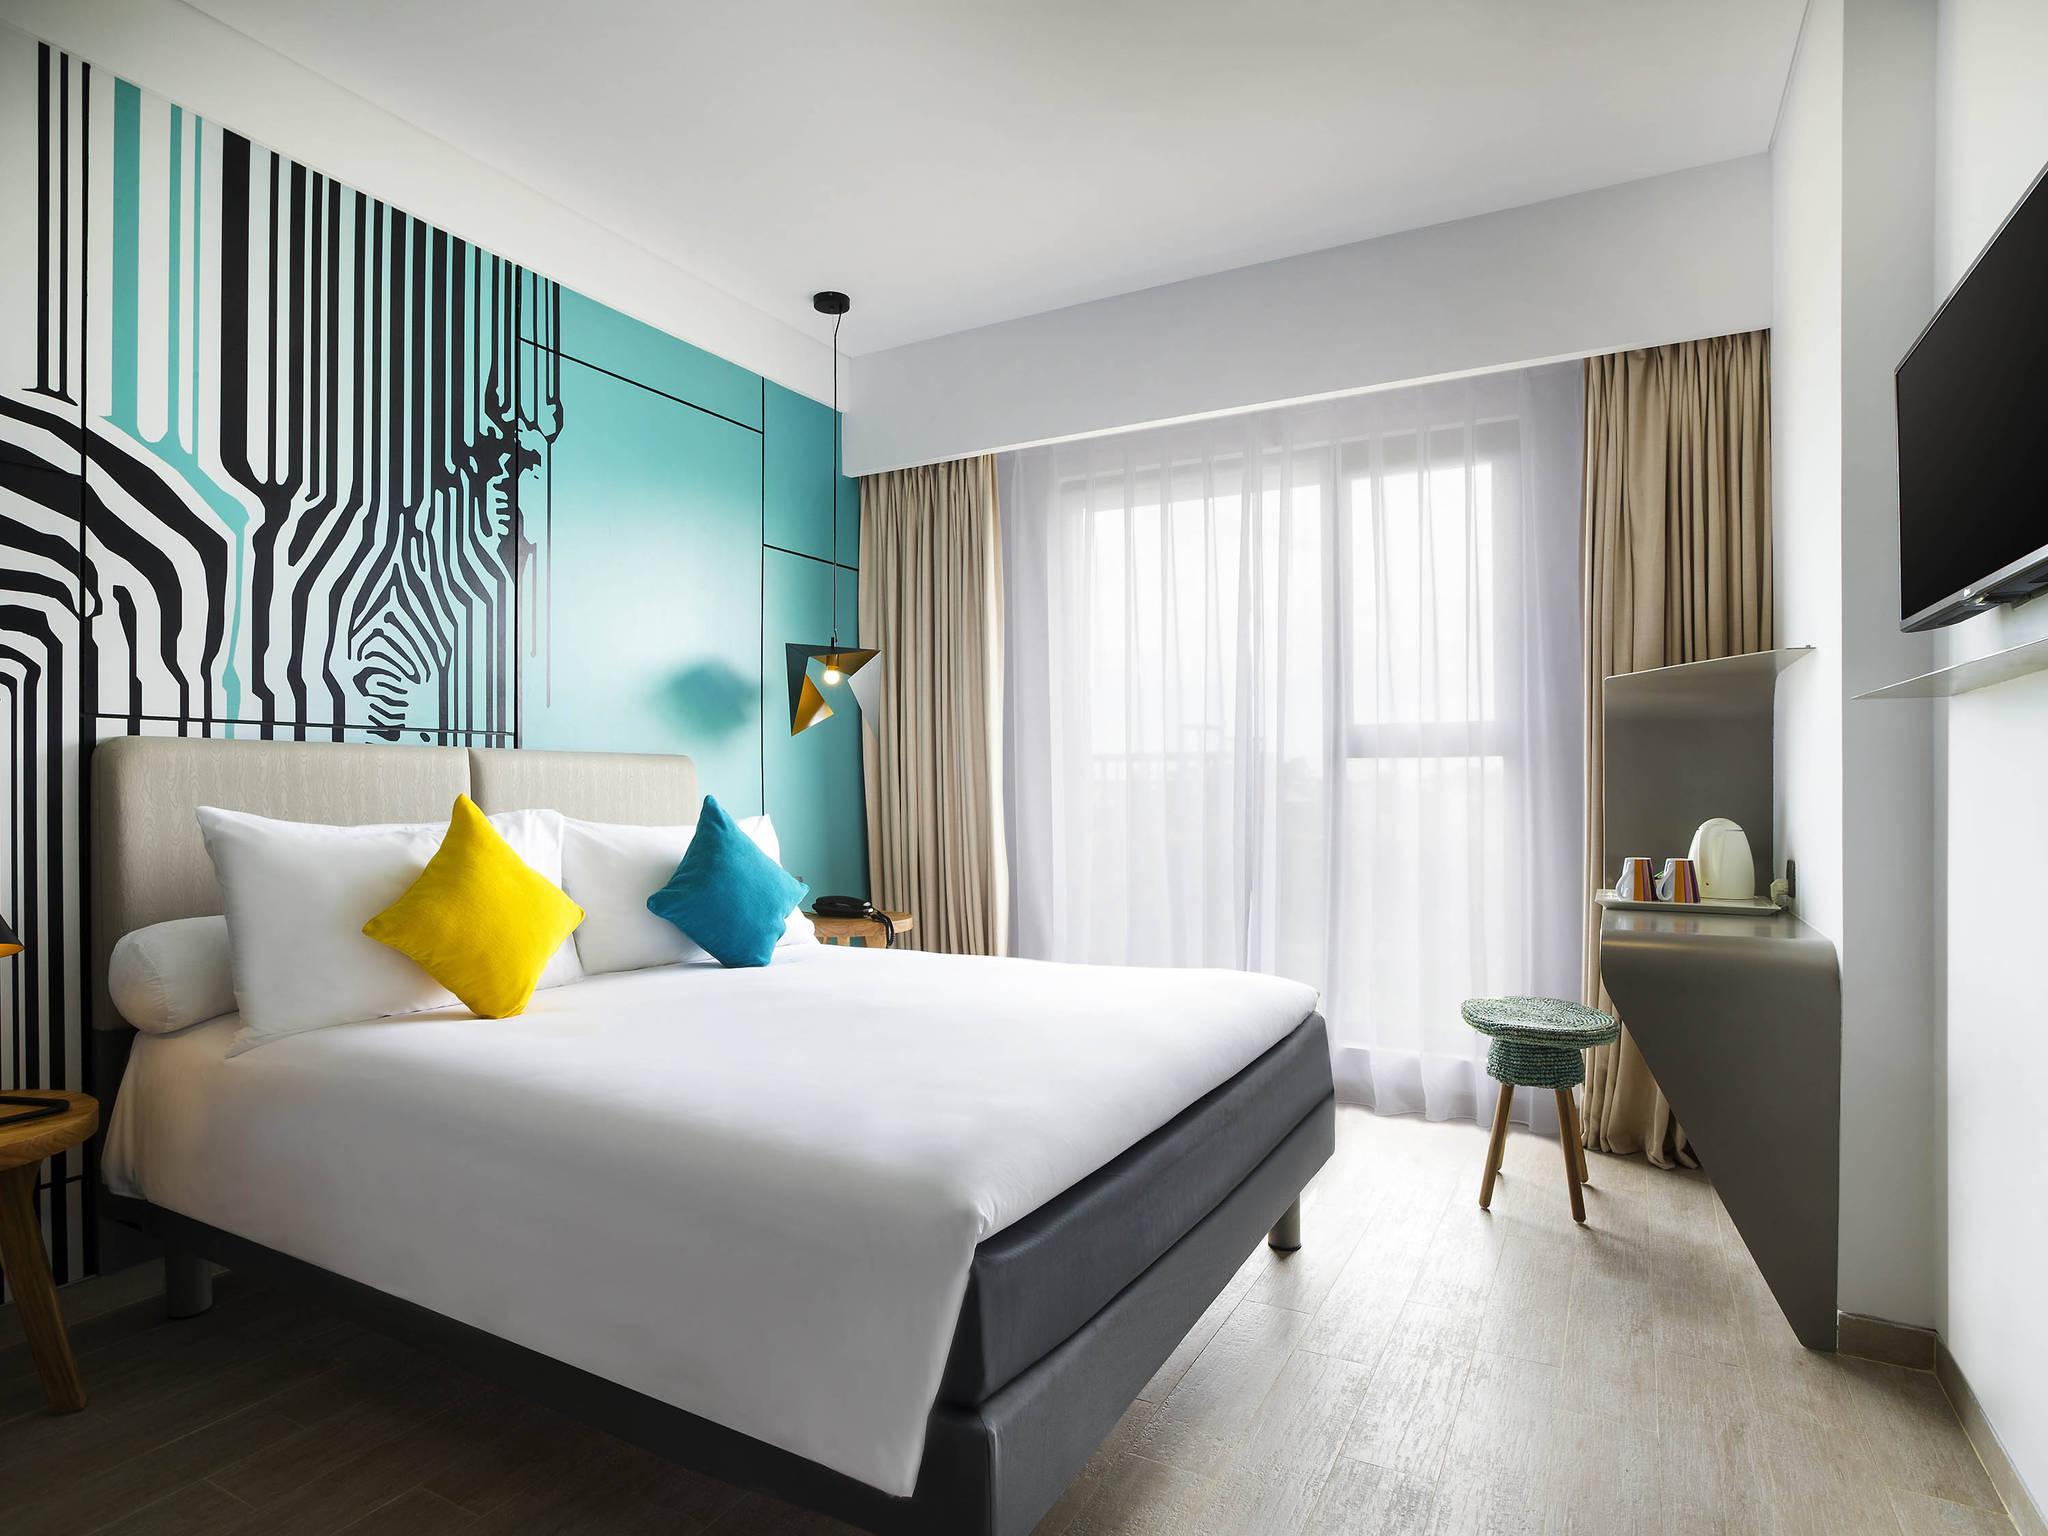 โรงแรม – ไอบิสสไตล์ บาหลี เพติเท็นเกต